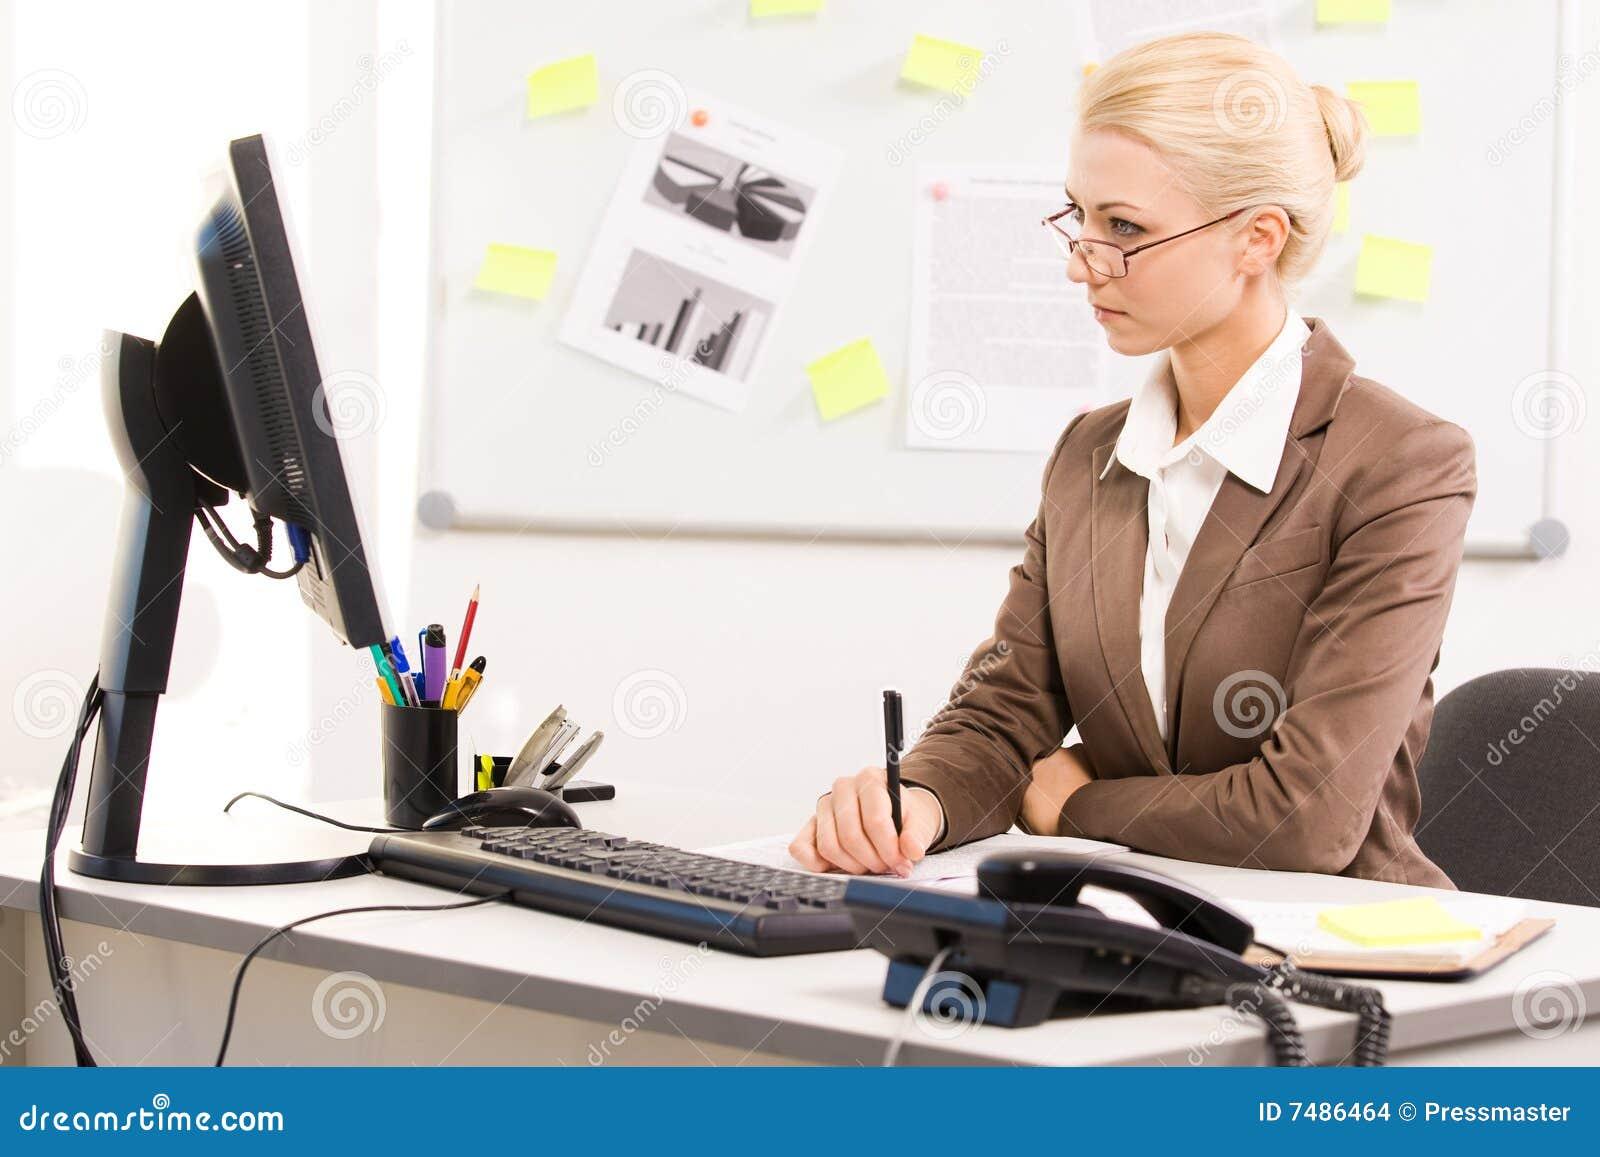 secretary working stock images image 7486464